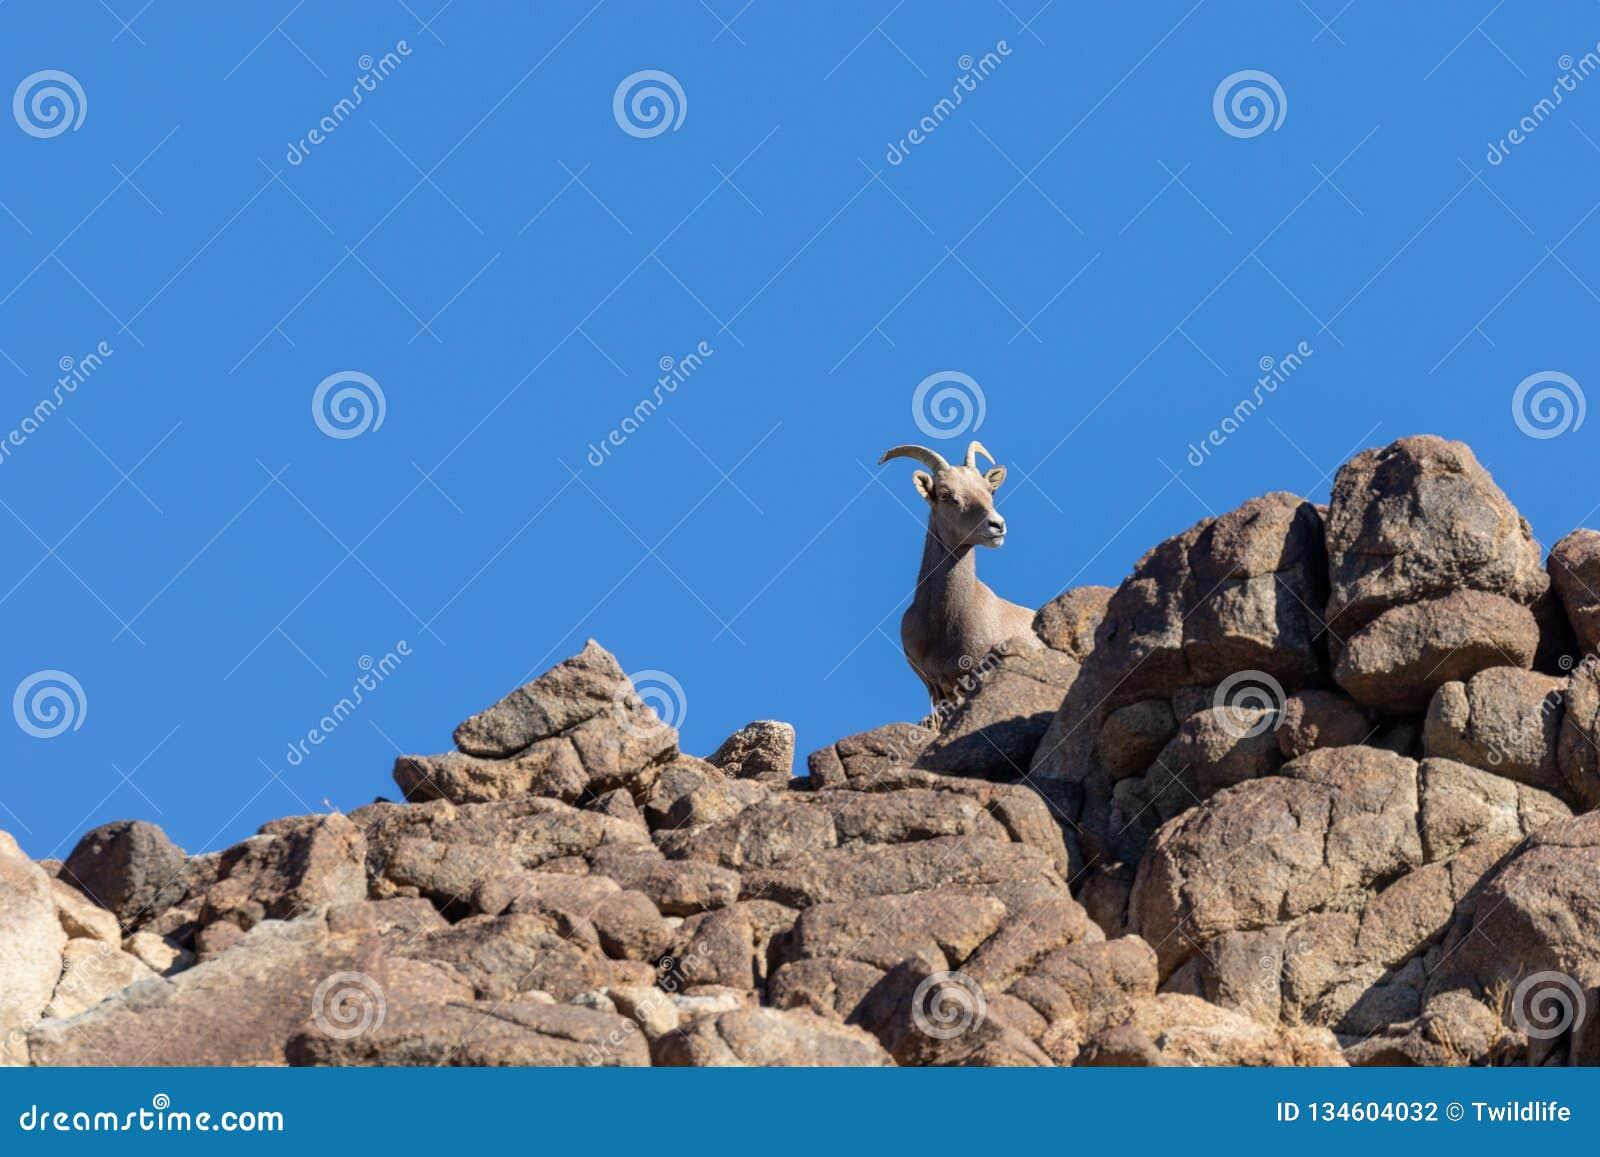 Desert bighorn Sheep Ewe on a Ridge